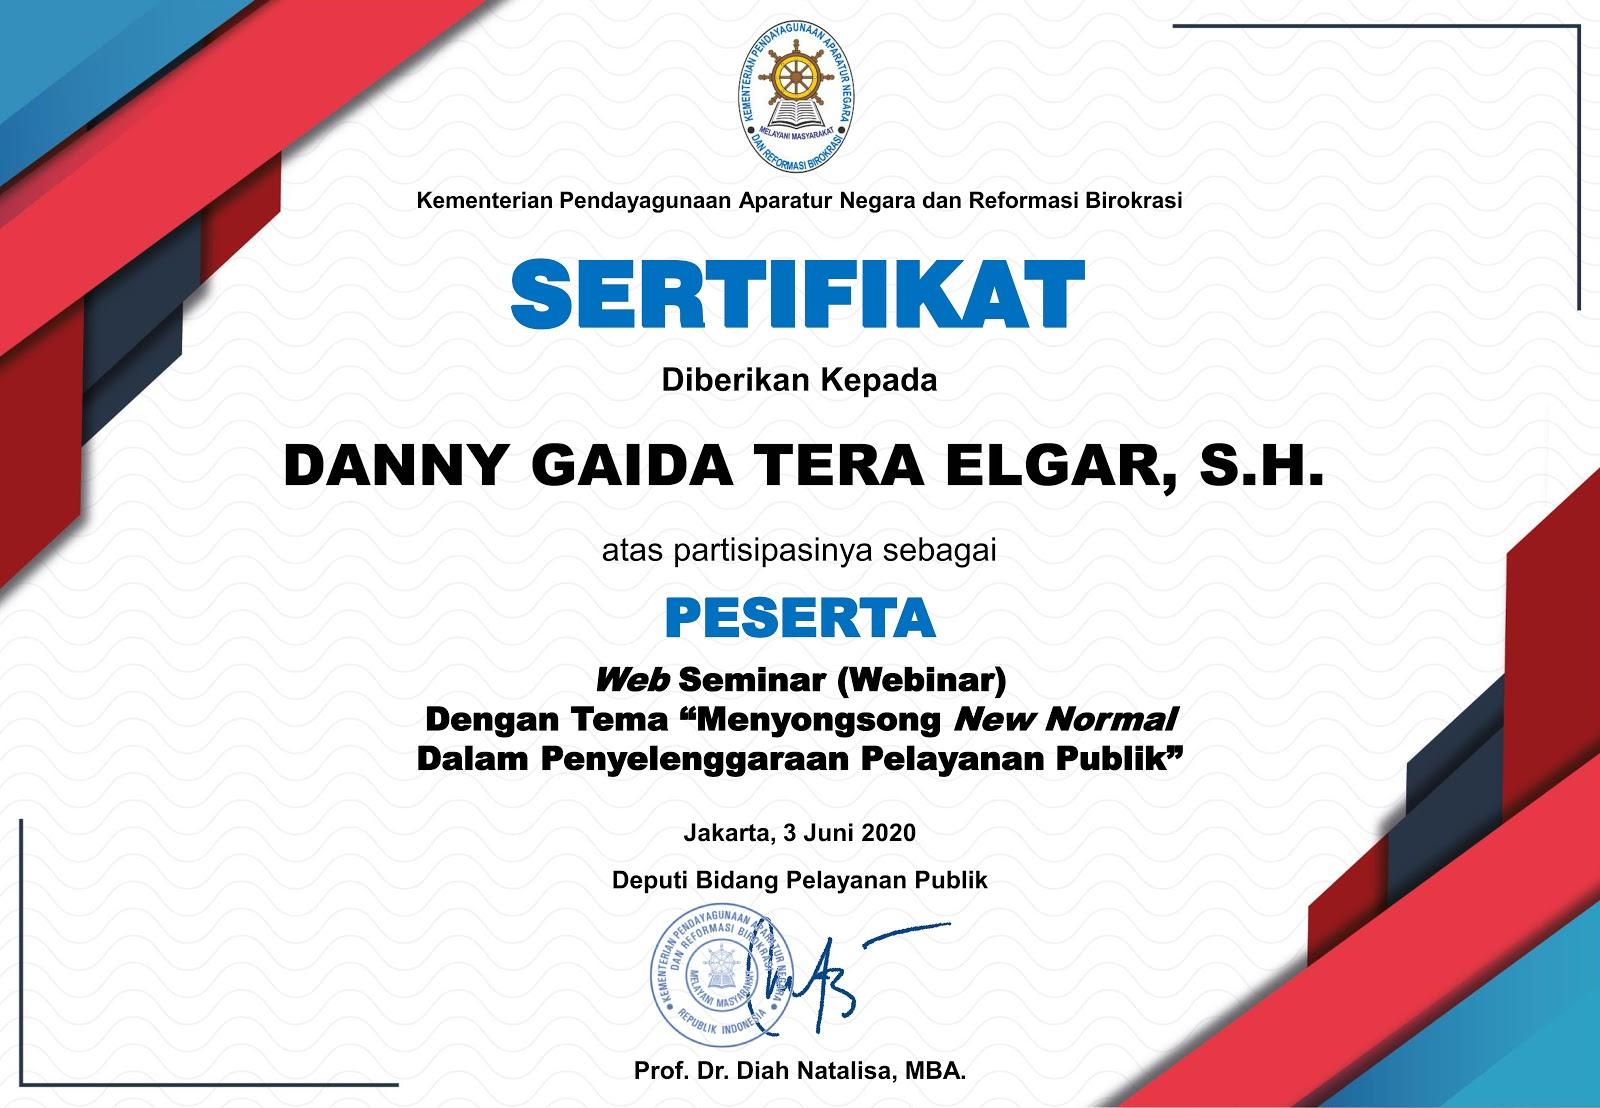 """Sertifikat Kementerian Pendayagunaan Aparatur Negara dan Reformasi Birokrasi Republik Indonesia (Kemenpan RB) """"Menyongsong New Normal Dalam Penyelenggaraan Pelayanan Publik"""""""